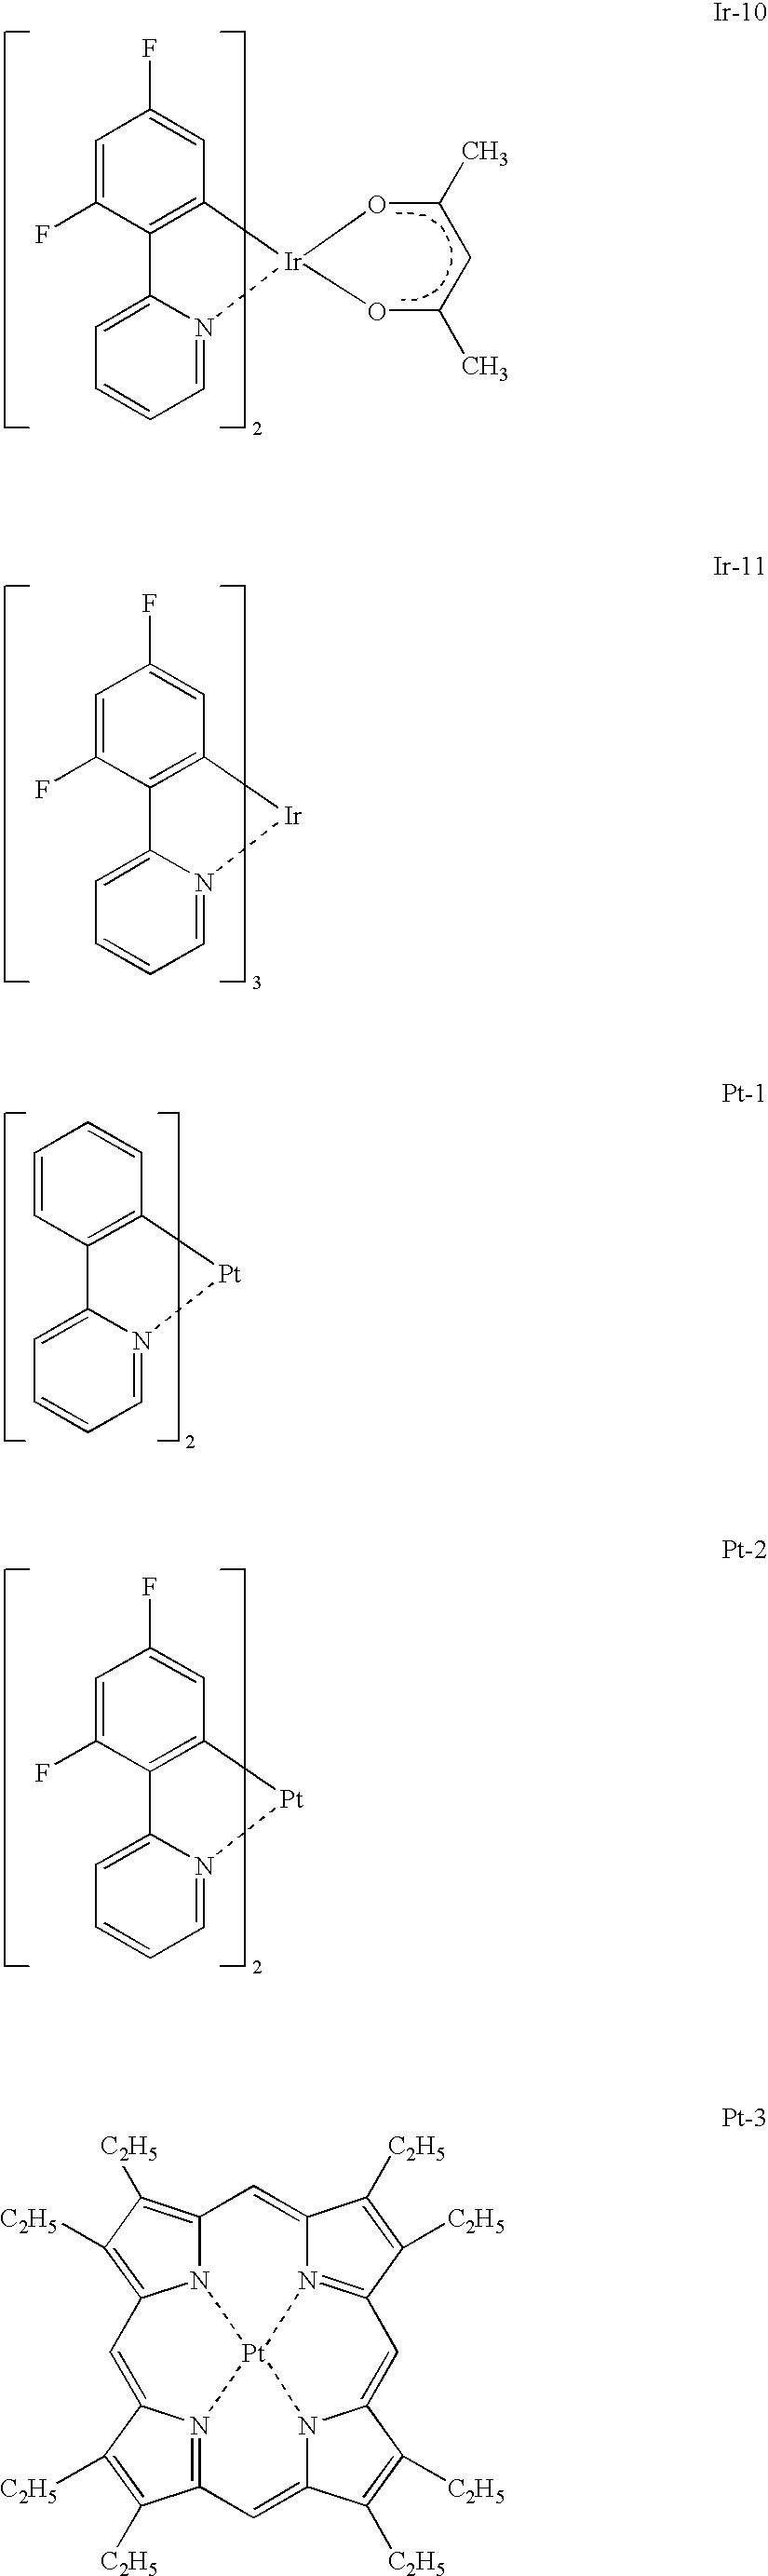 Figure US06750608-20040615-C00003